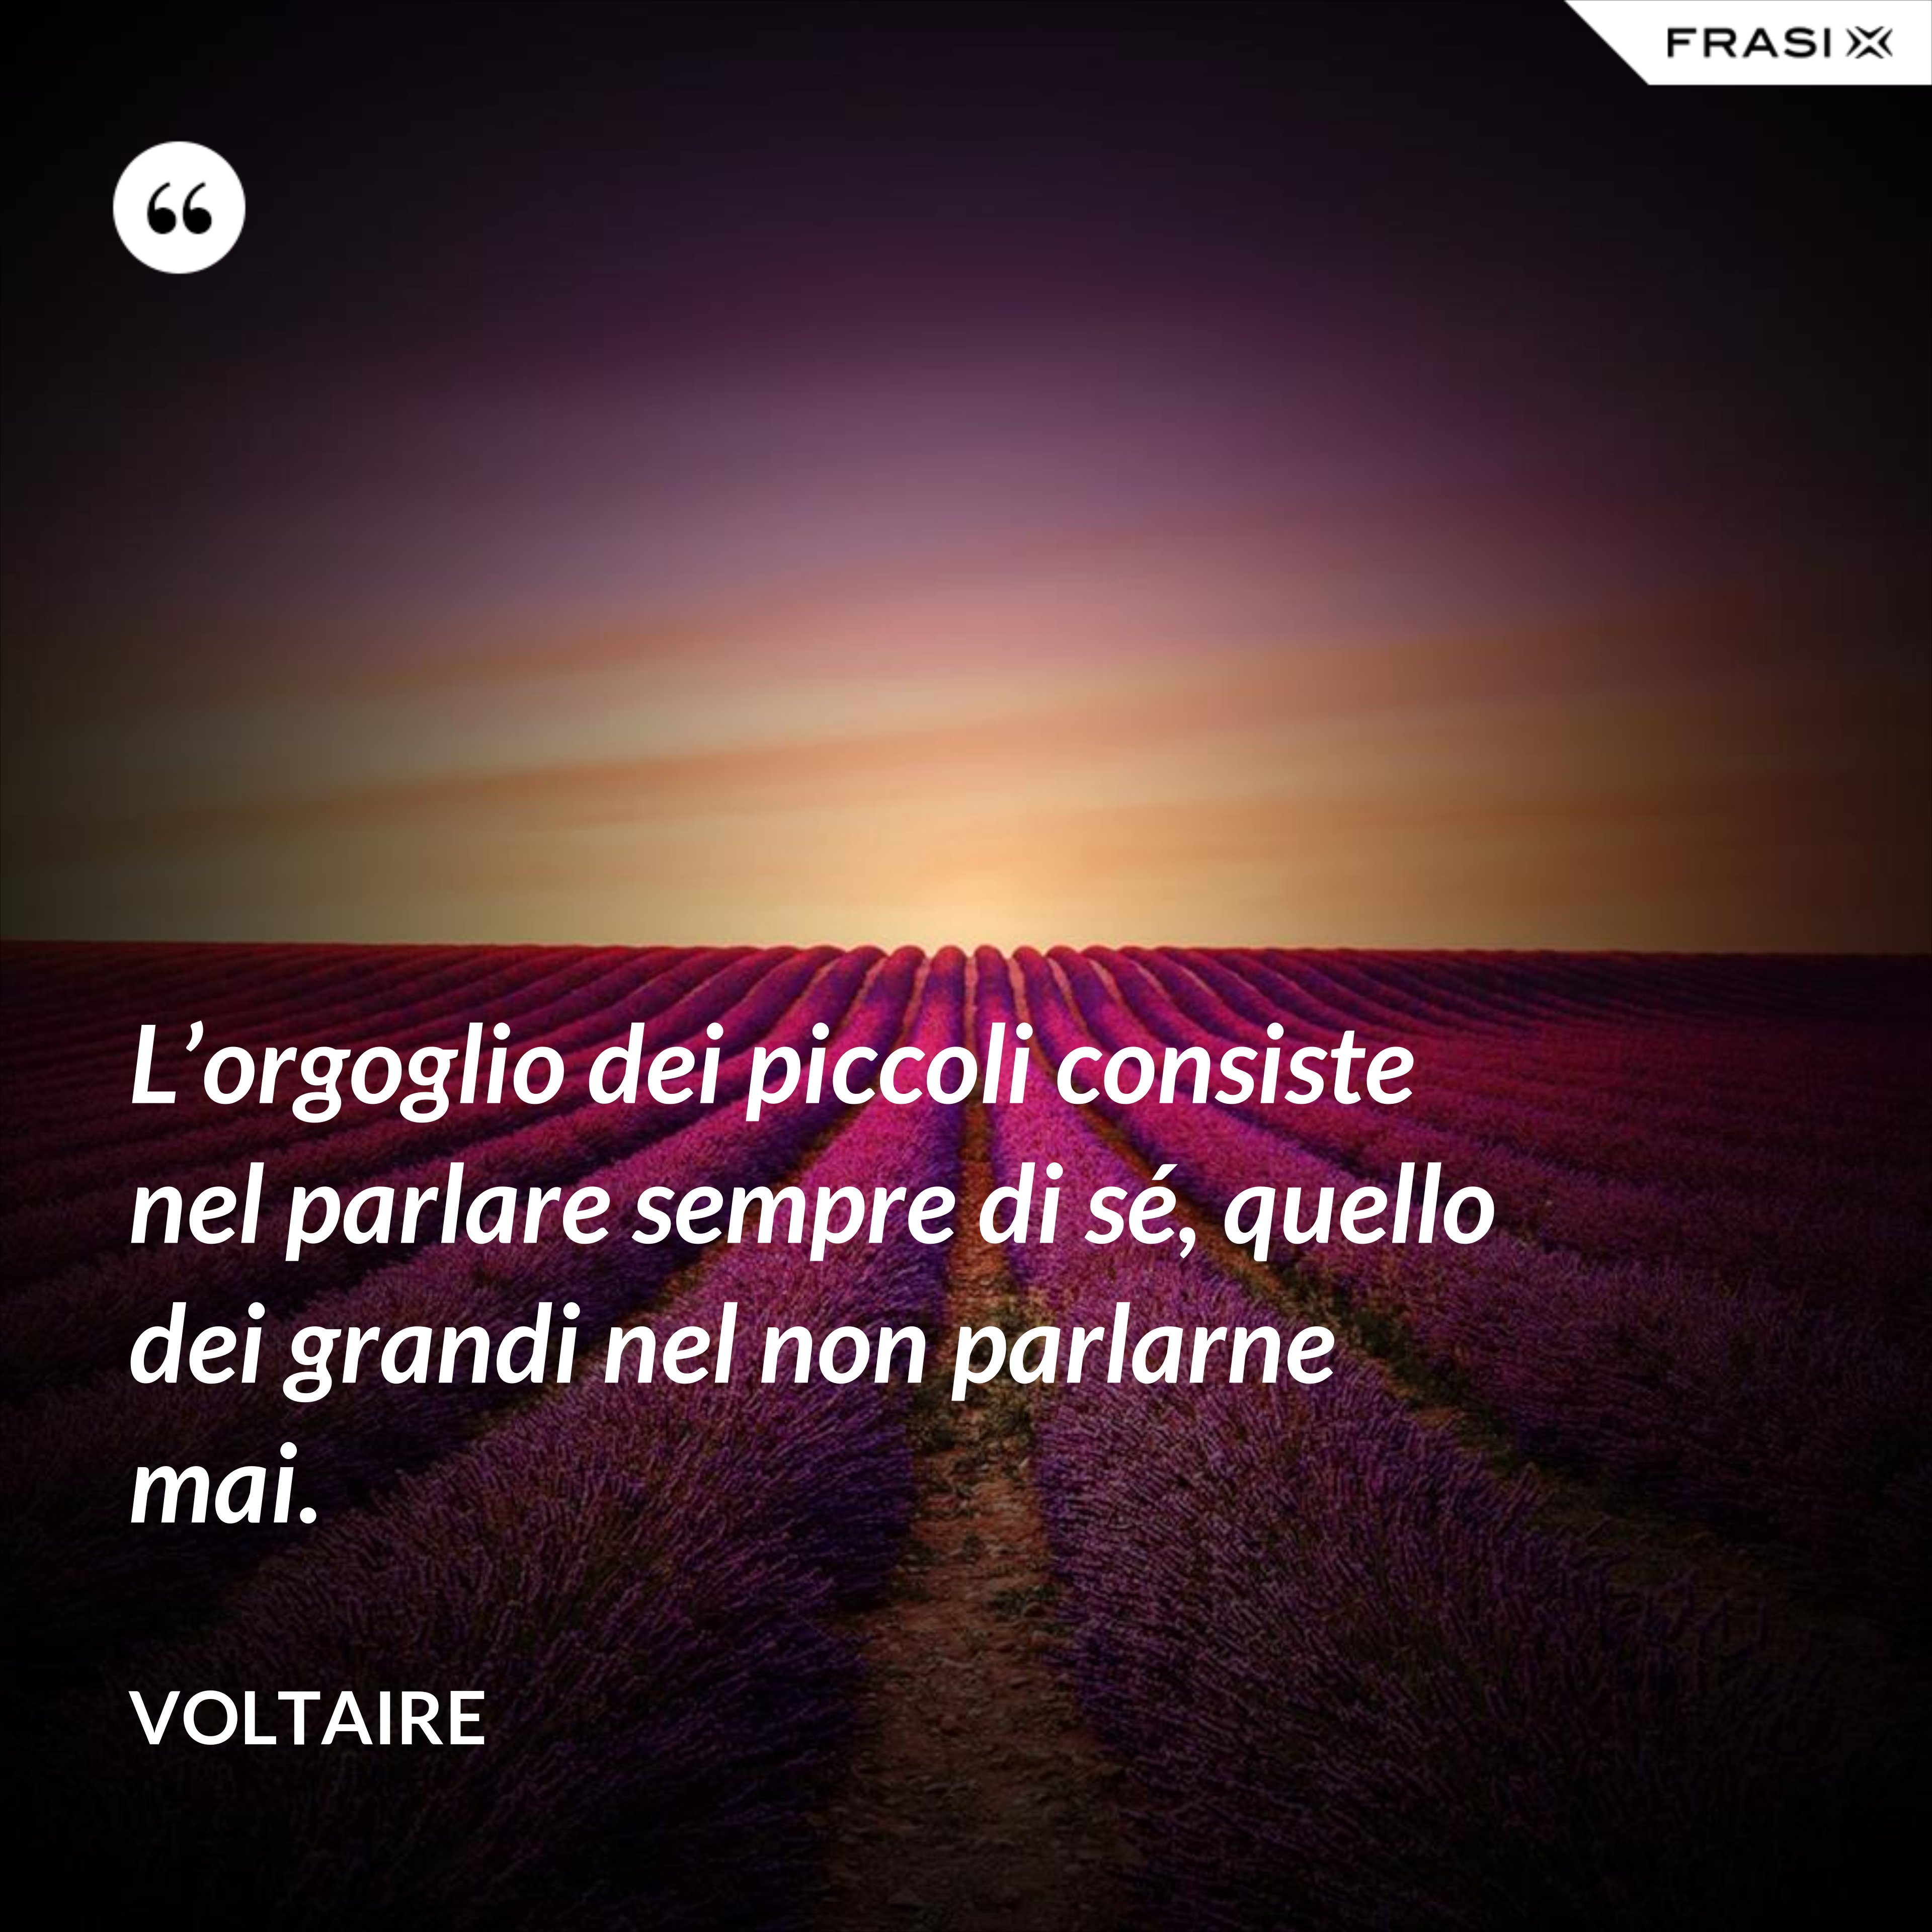 L'orgoglio dei piccoli consiste nel parlare sempre di sé, quello dei grandi nel non parlarne mai. - Voltaire